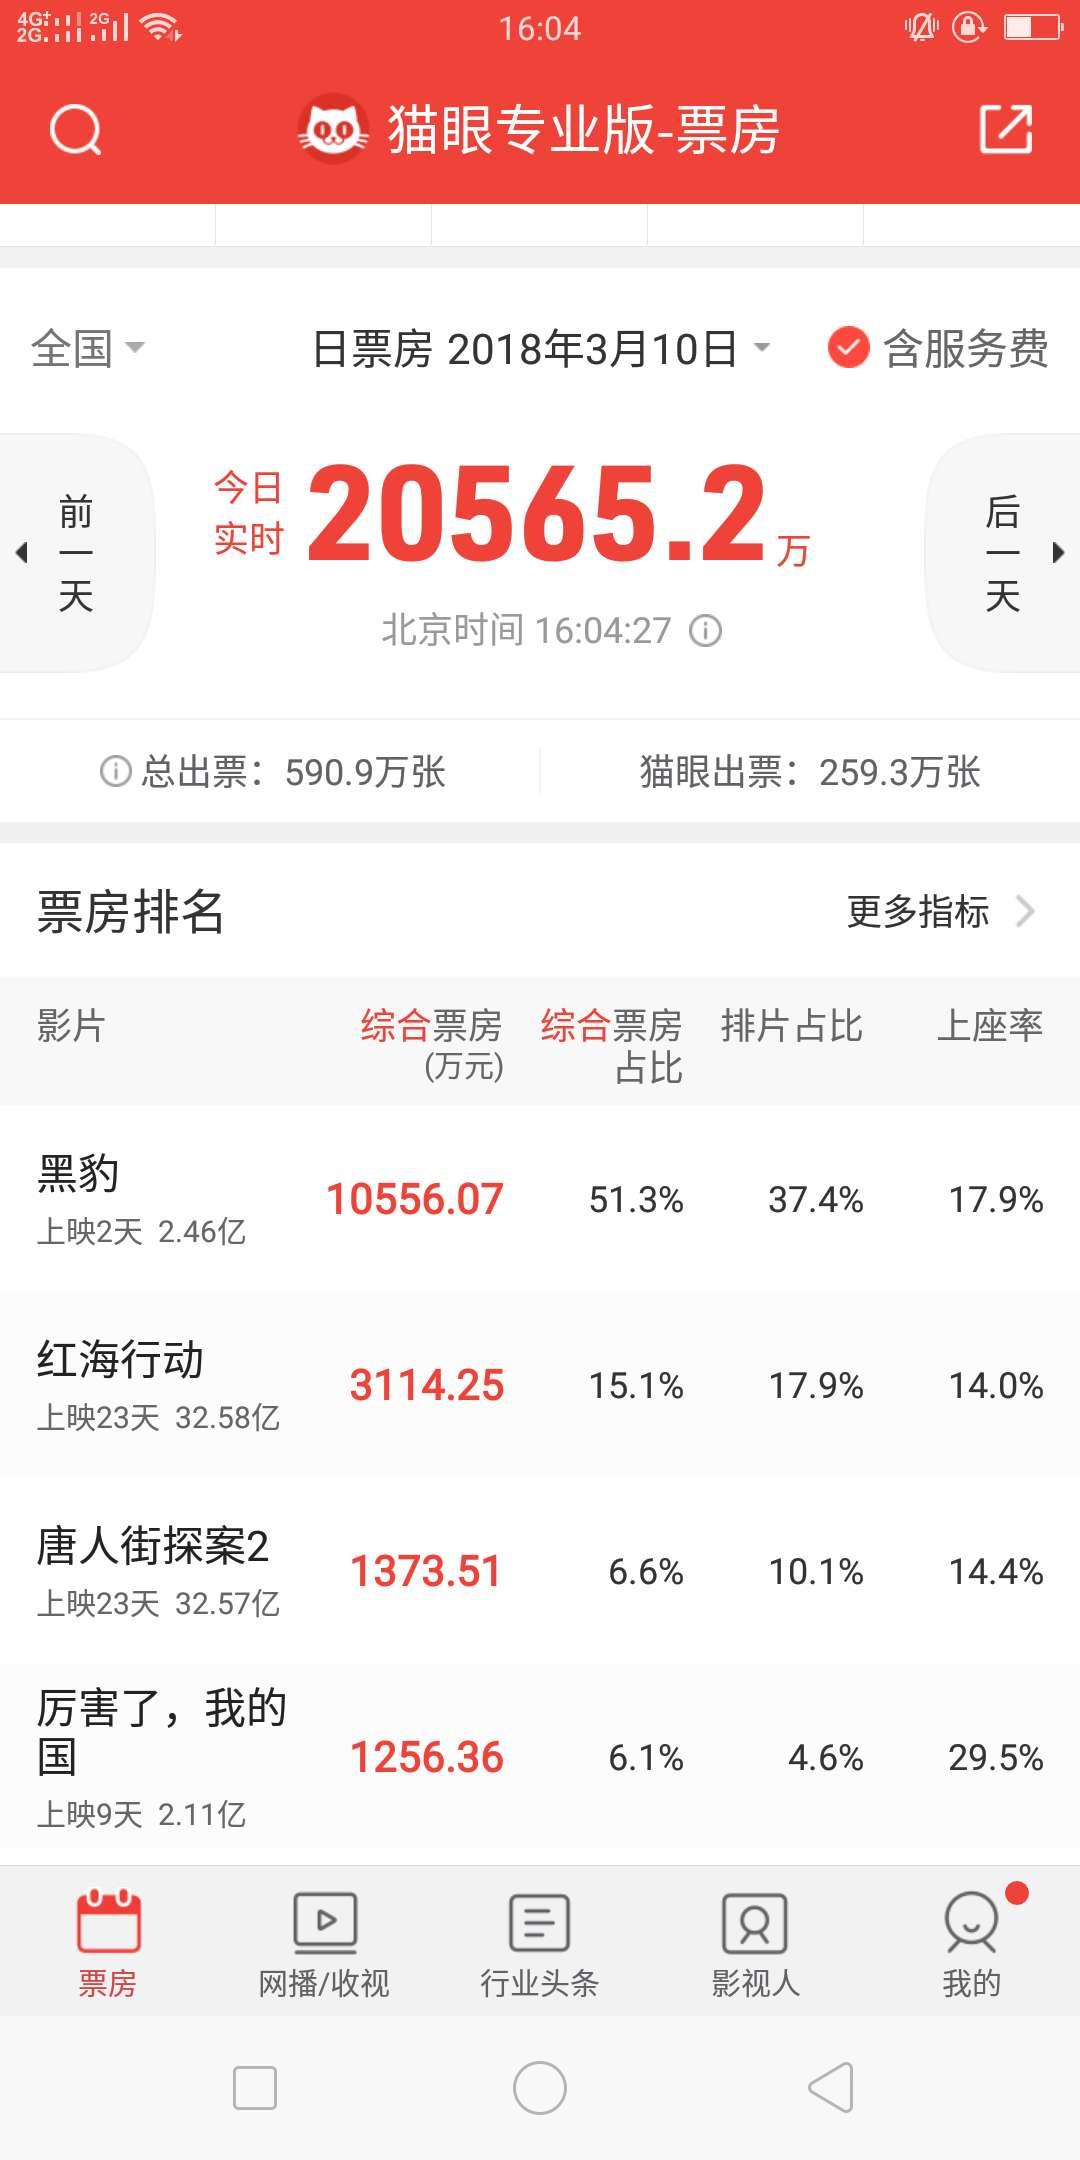 《红海》超越《唐探2》 登顶春节档票房冠军